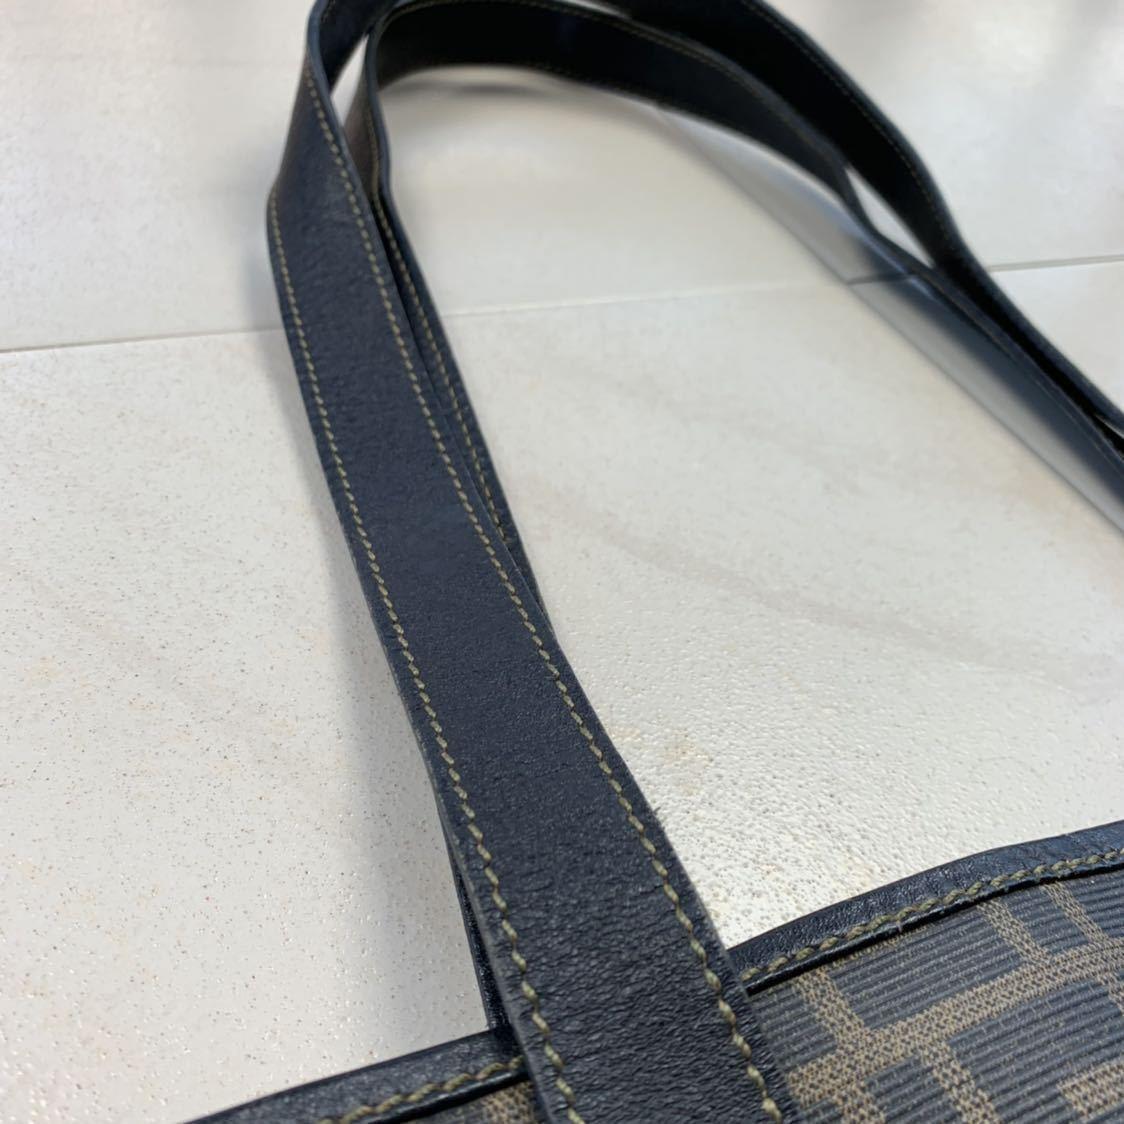 フェンディ FENDI ズッカ柄 ユニセックス ショッピングトートバッグ イタリア製正規品 美品_画像4